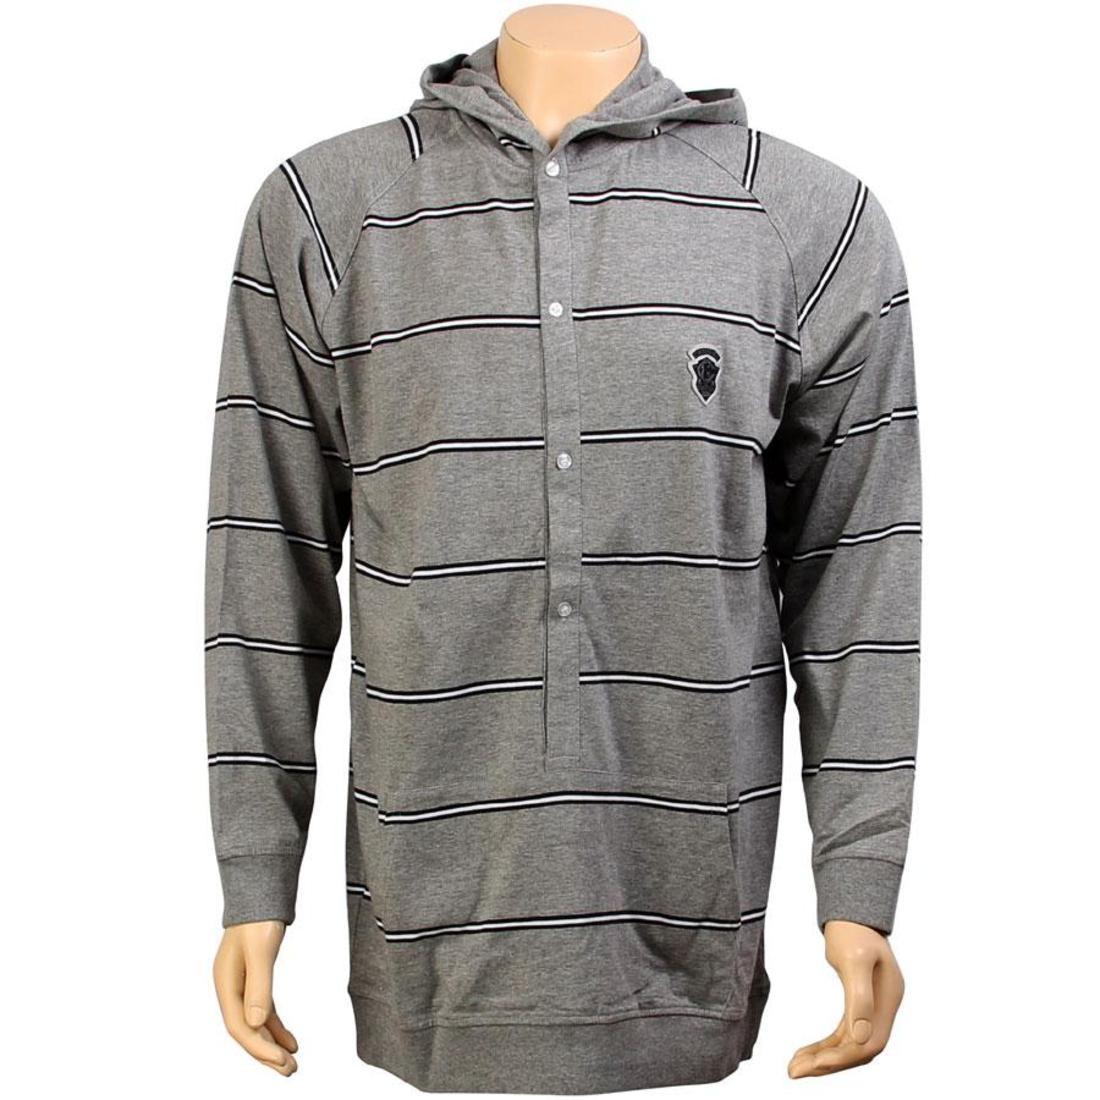 ストライプ メンズファッション トップス Tシャツ カットソー メンズ 【 Crooks And Castles Stripe Hooded Sweater (heather Grey) 】 Heather Grey